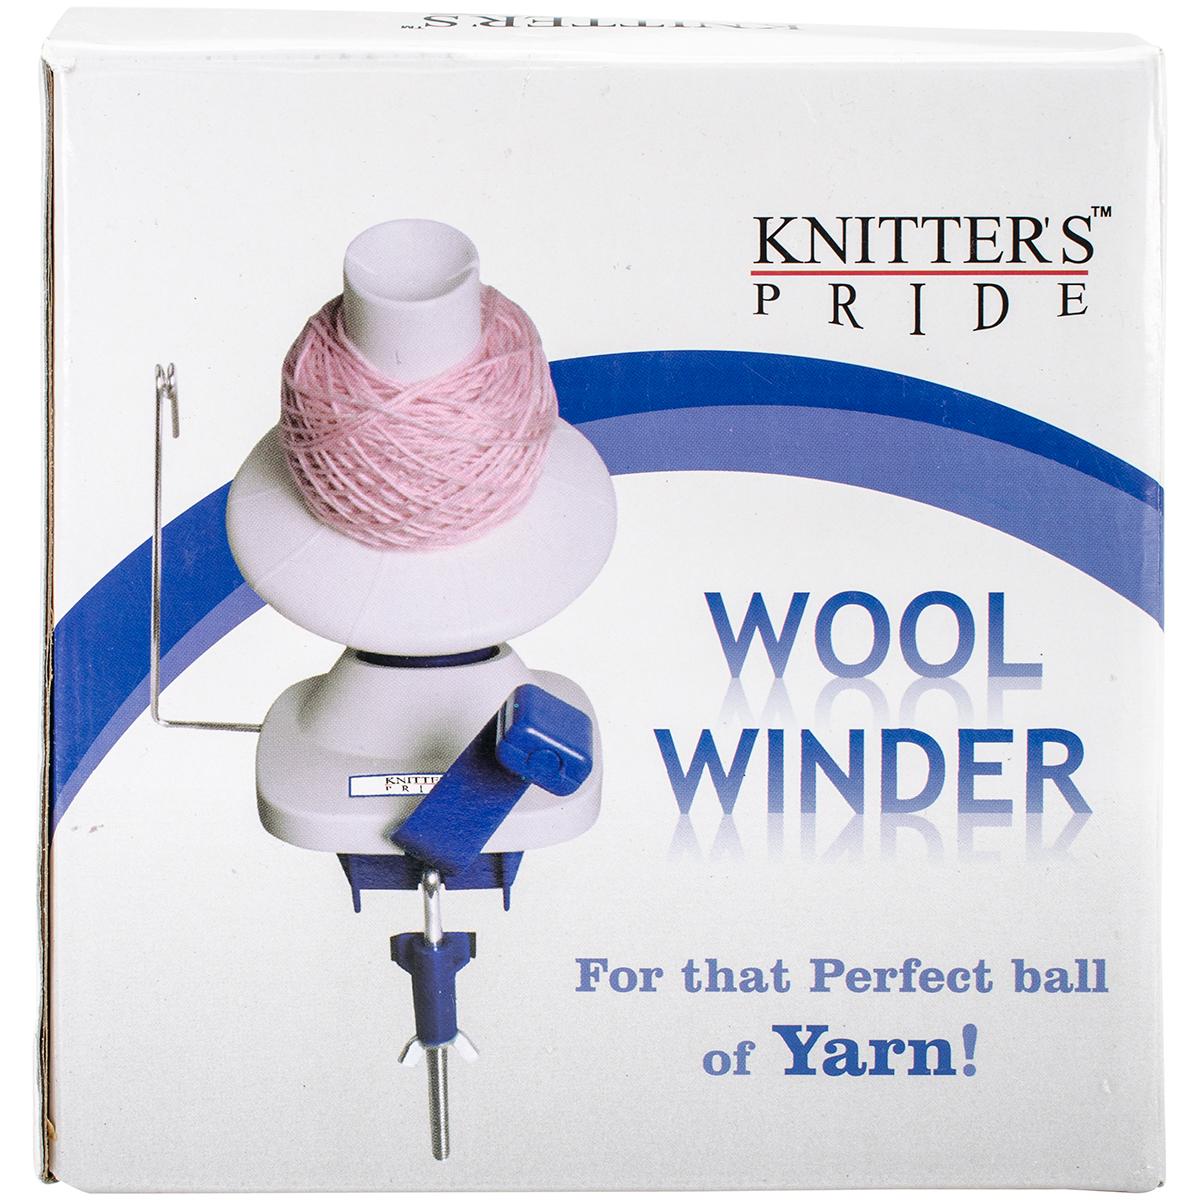 Knitter's Pride Wool Winder